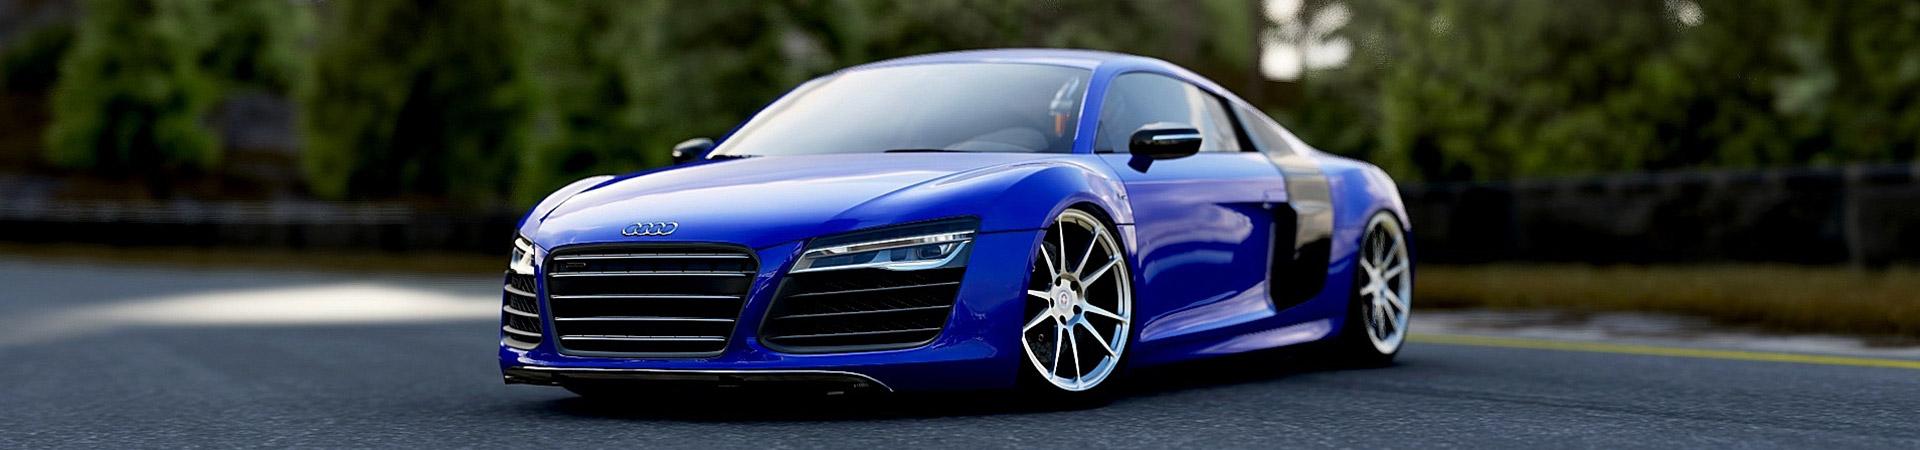 F1 Sportwagen - Audi